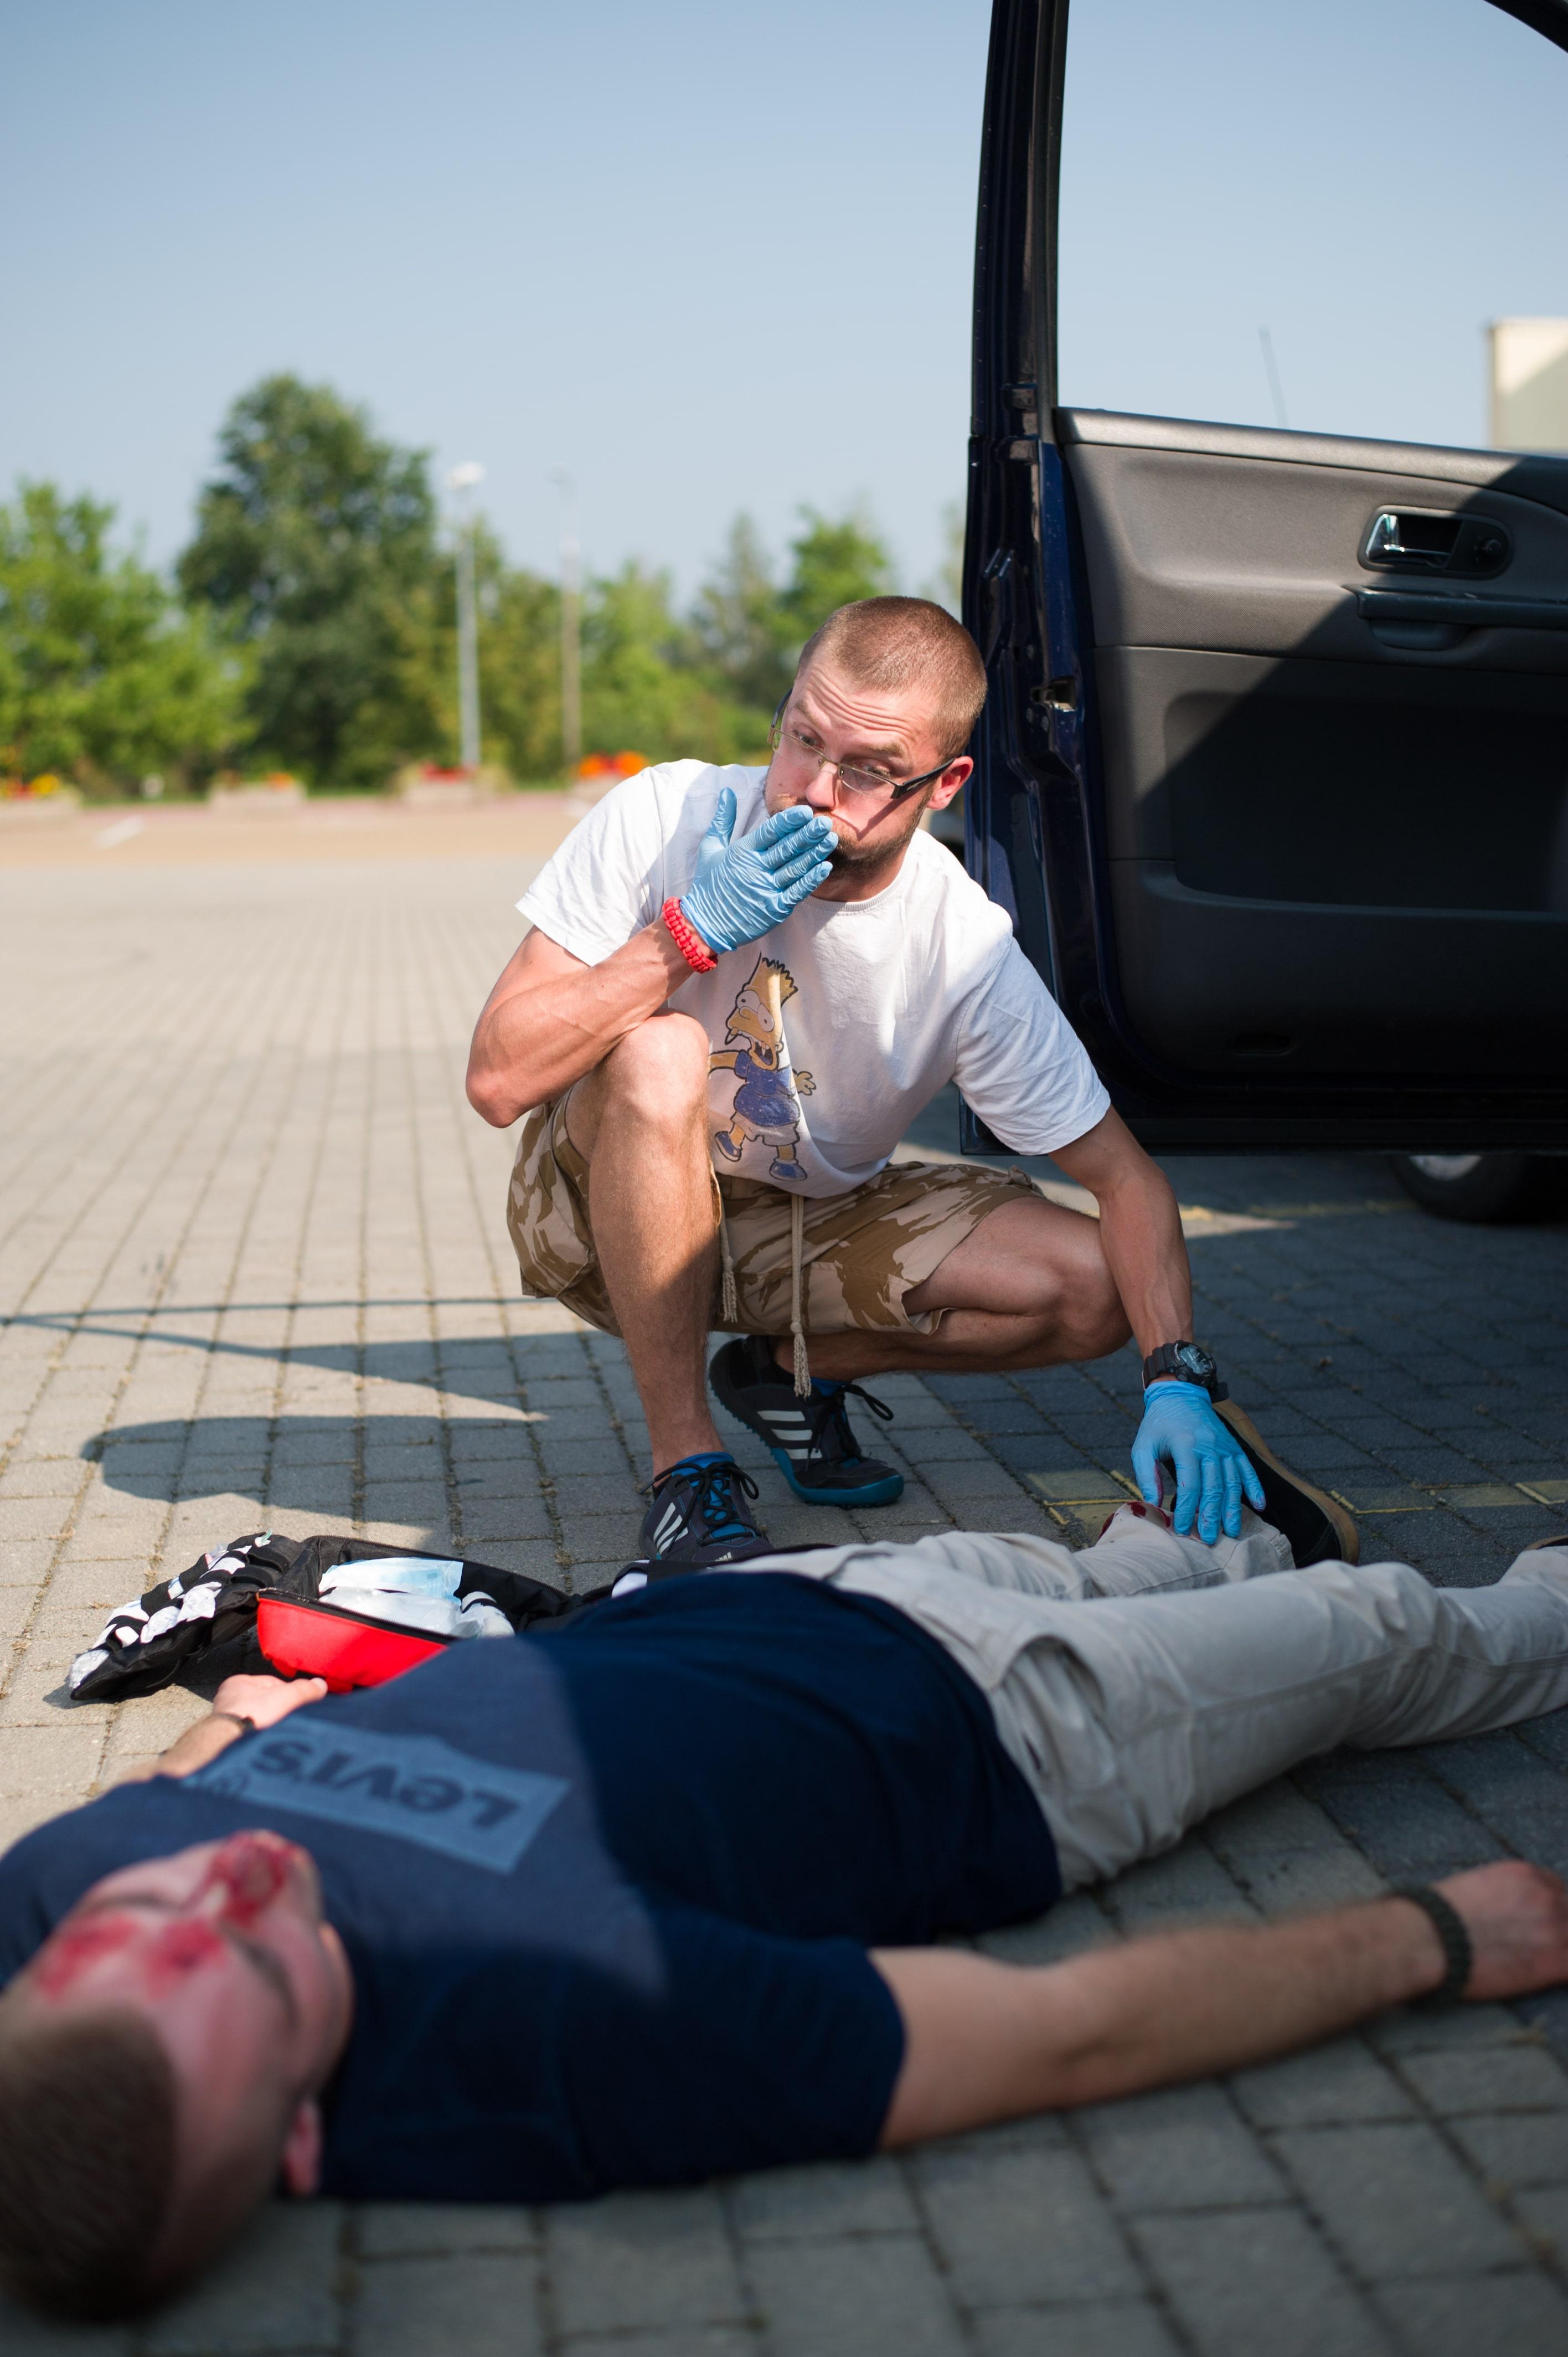 emocje pierwszej pomocy, wypadek samochodowy, apteczka pierwszej pomocy class=